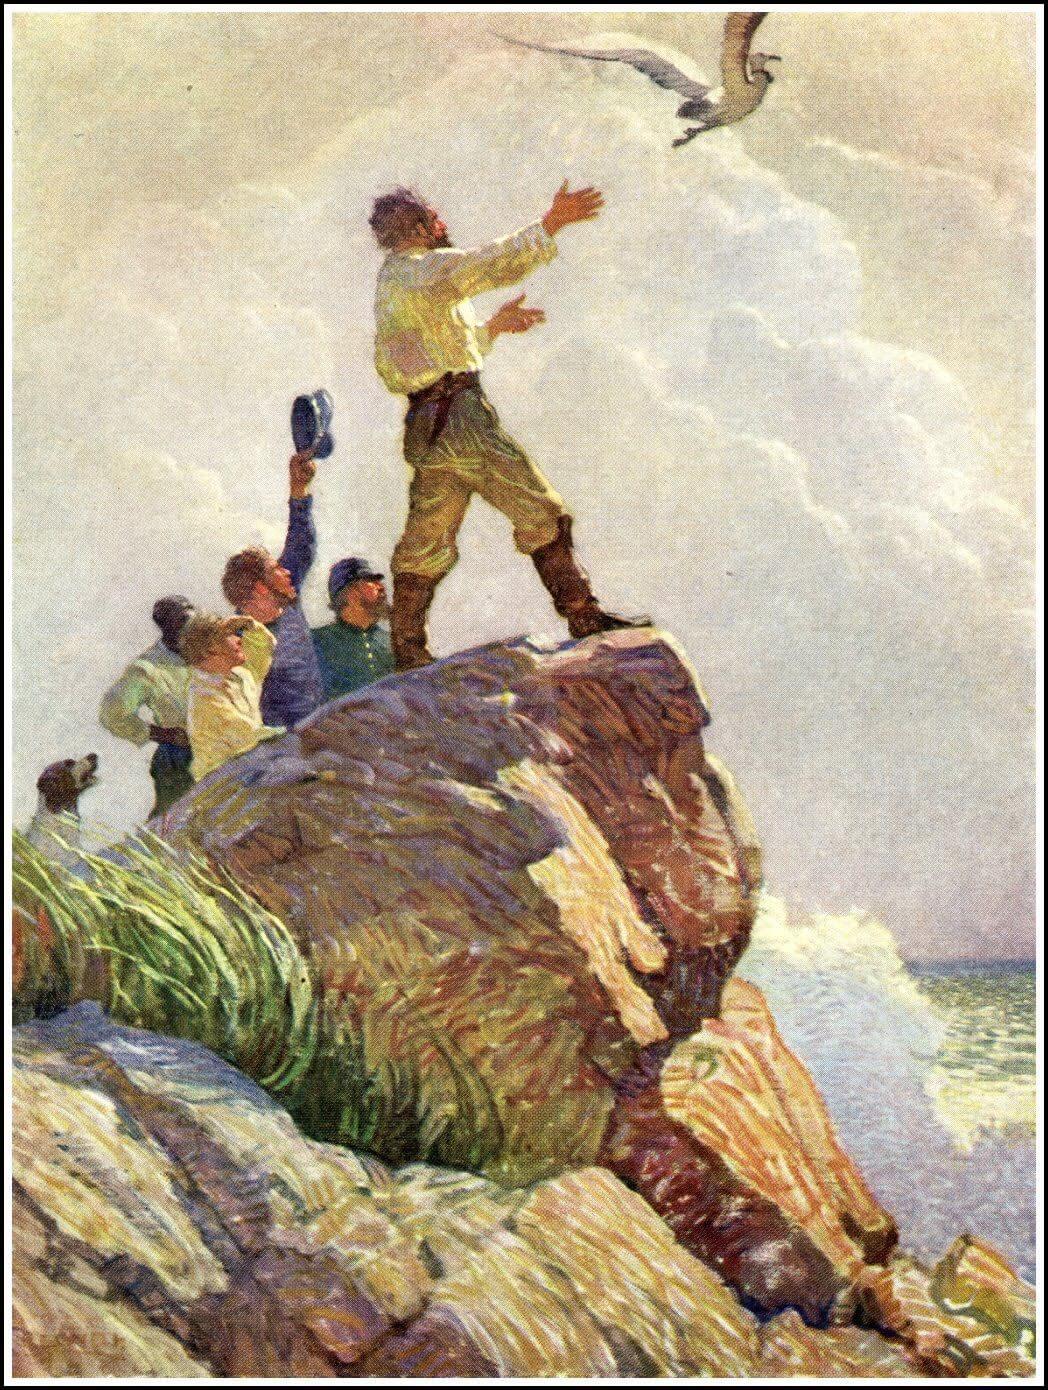 Esrarlı Ada - Jules Verne